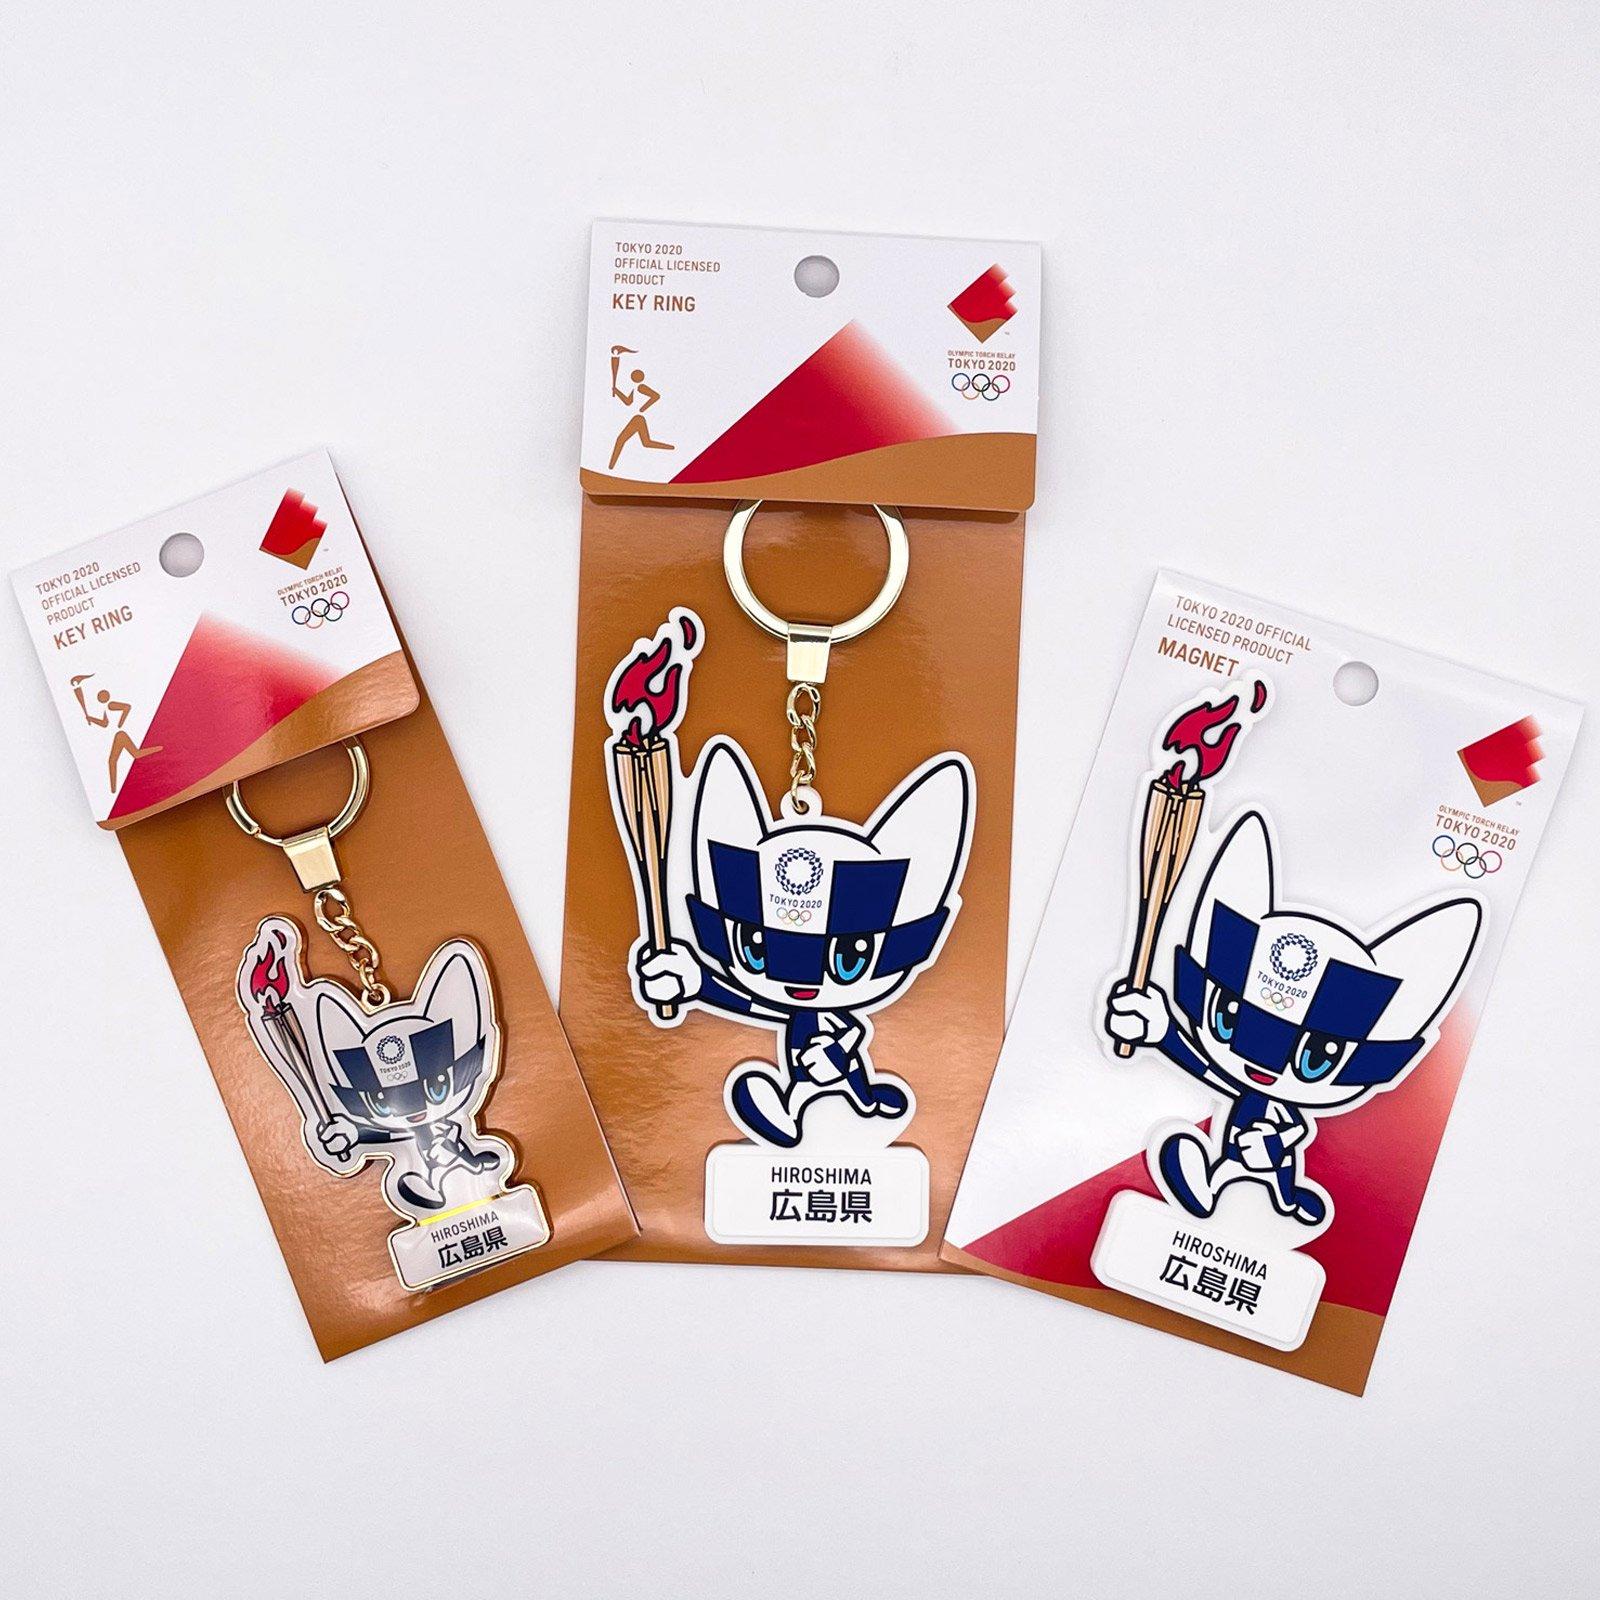 【セール価格】【お得なセット】東京2020オリンピック聖火リレーマスコット商品:広島県セット